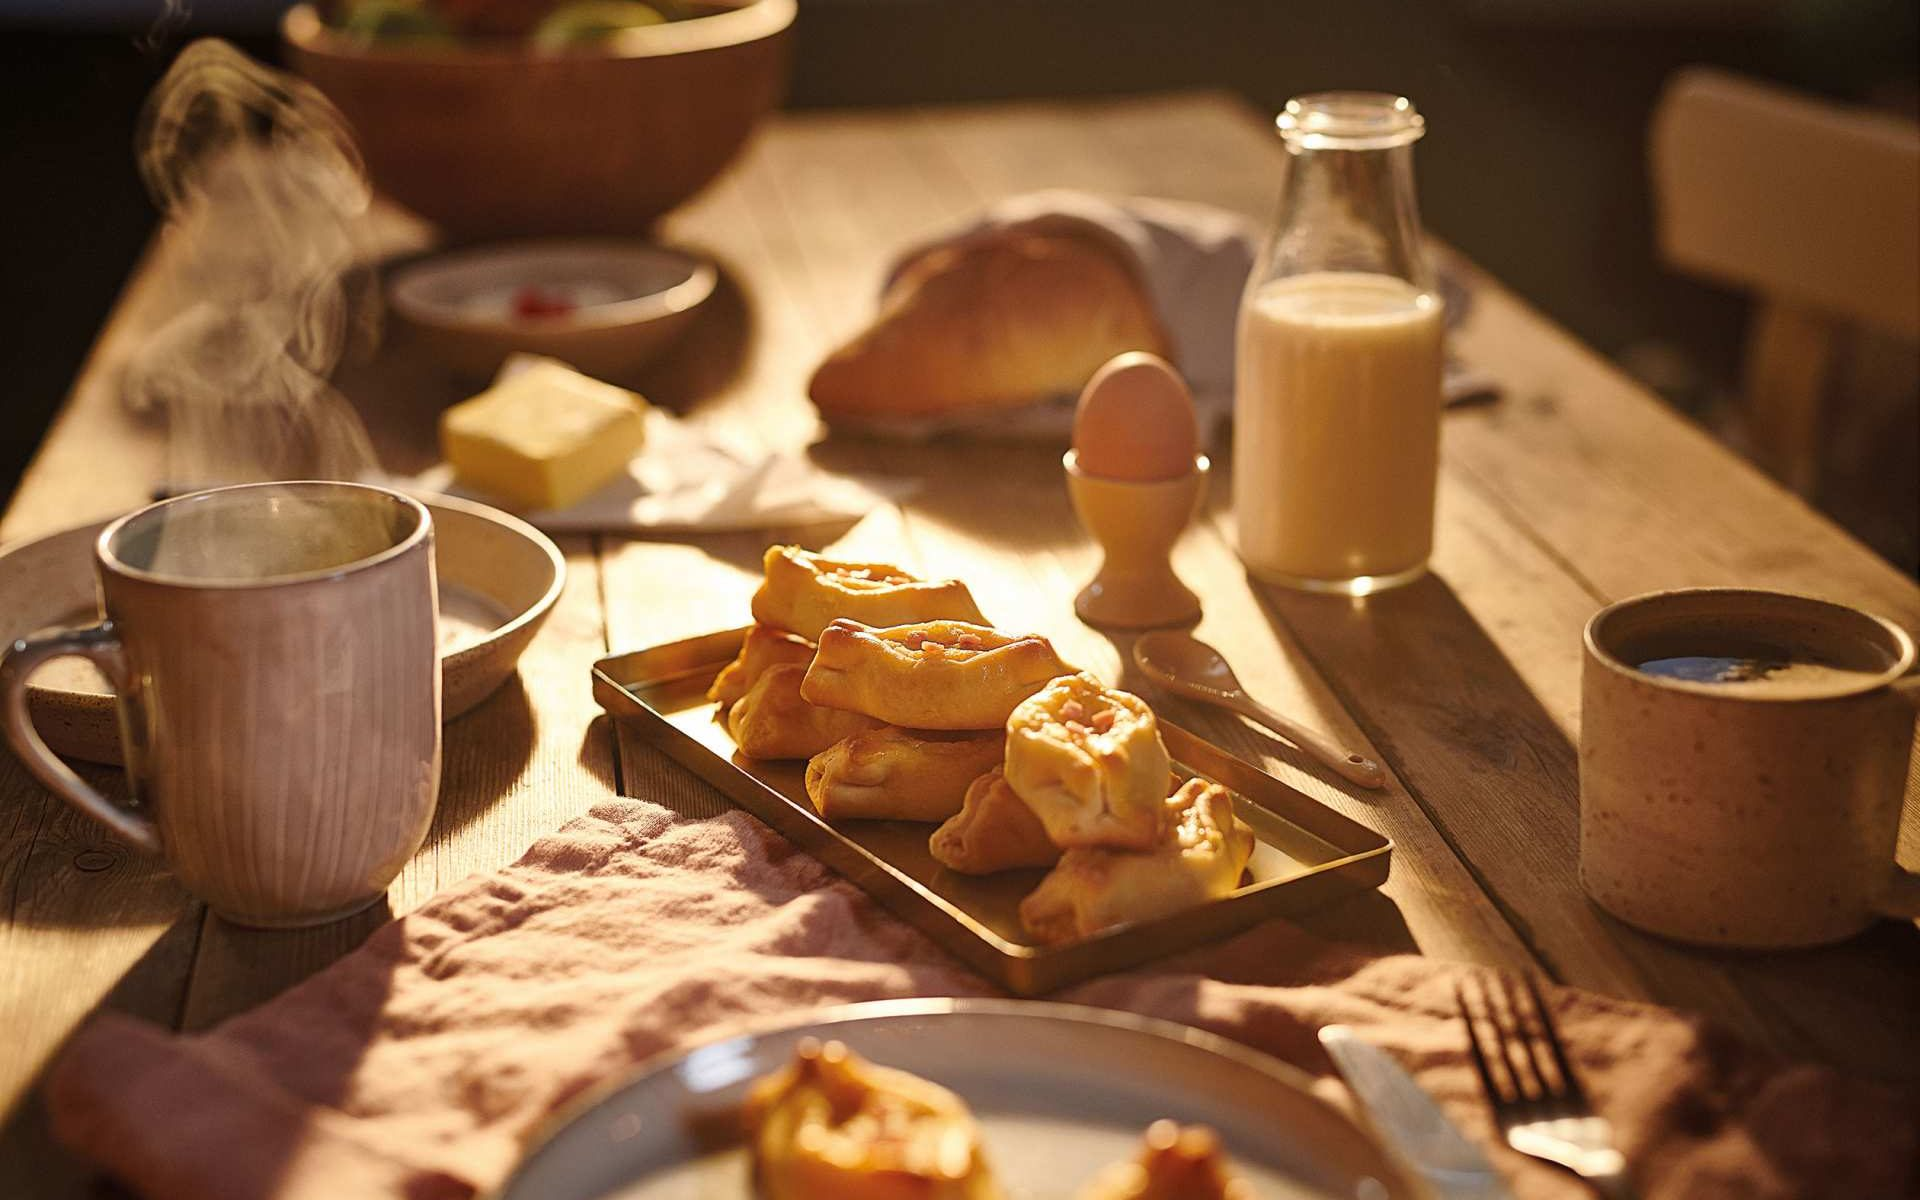 Χρυσή Ζύμη Πεϊνιρλί με καπνιστό μπέικον και κασέρι